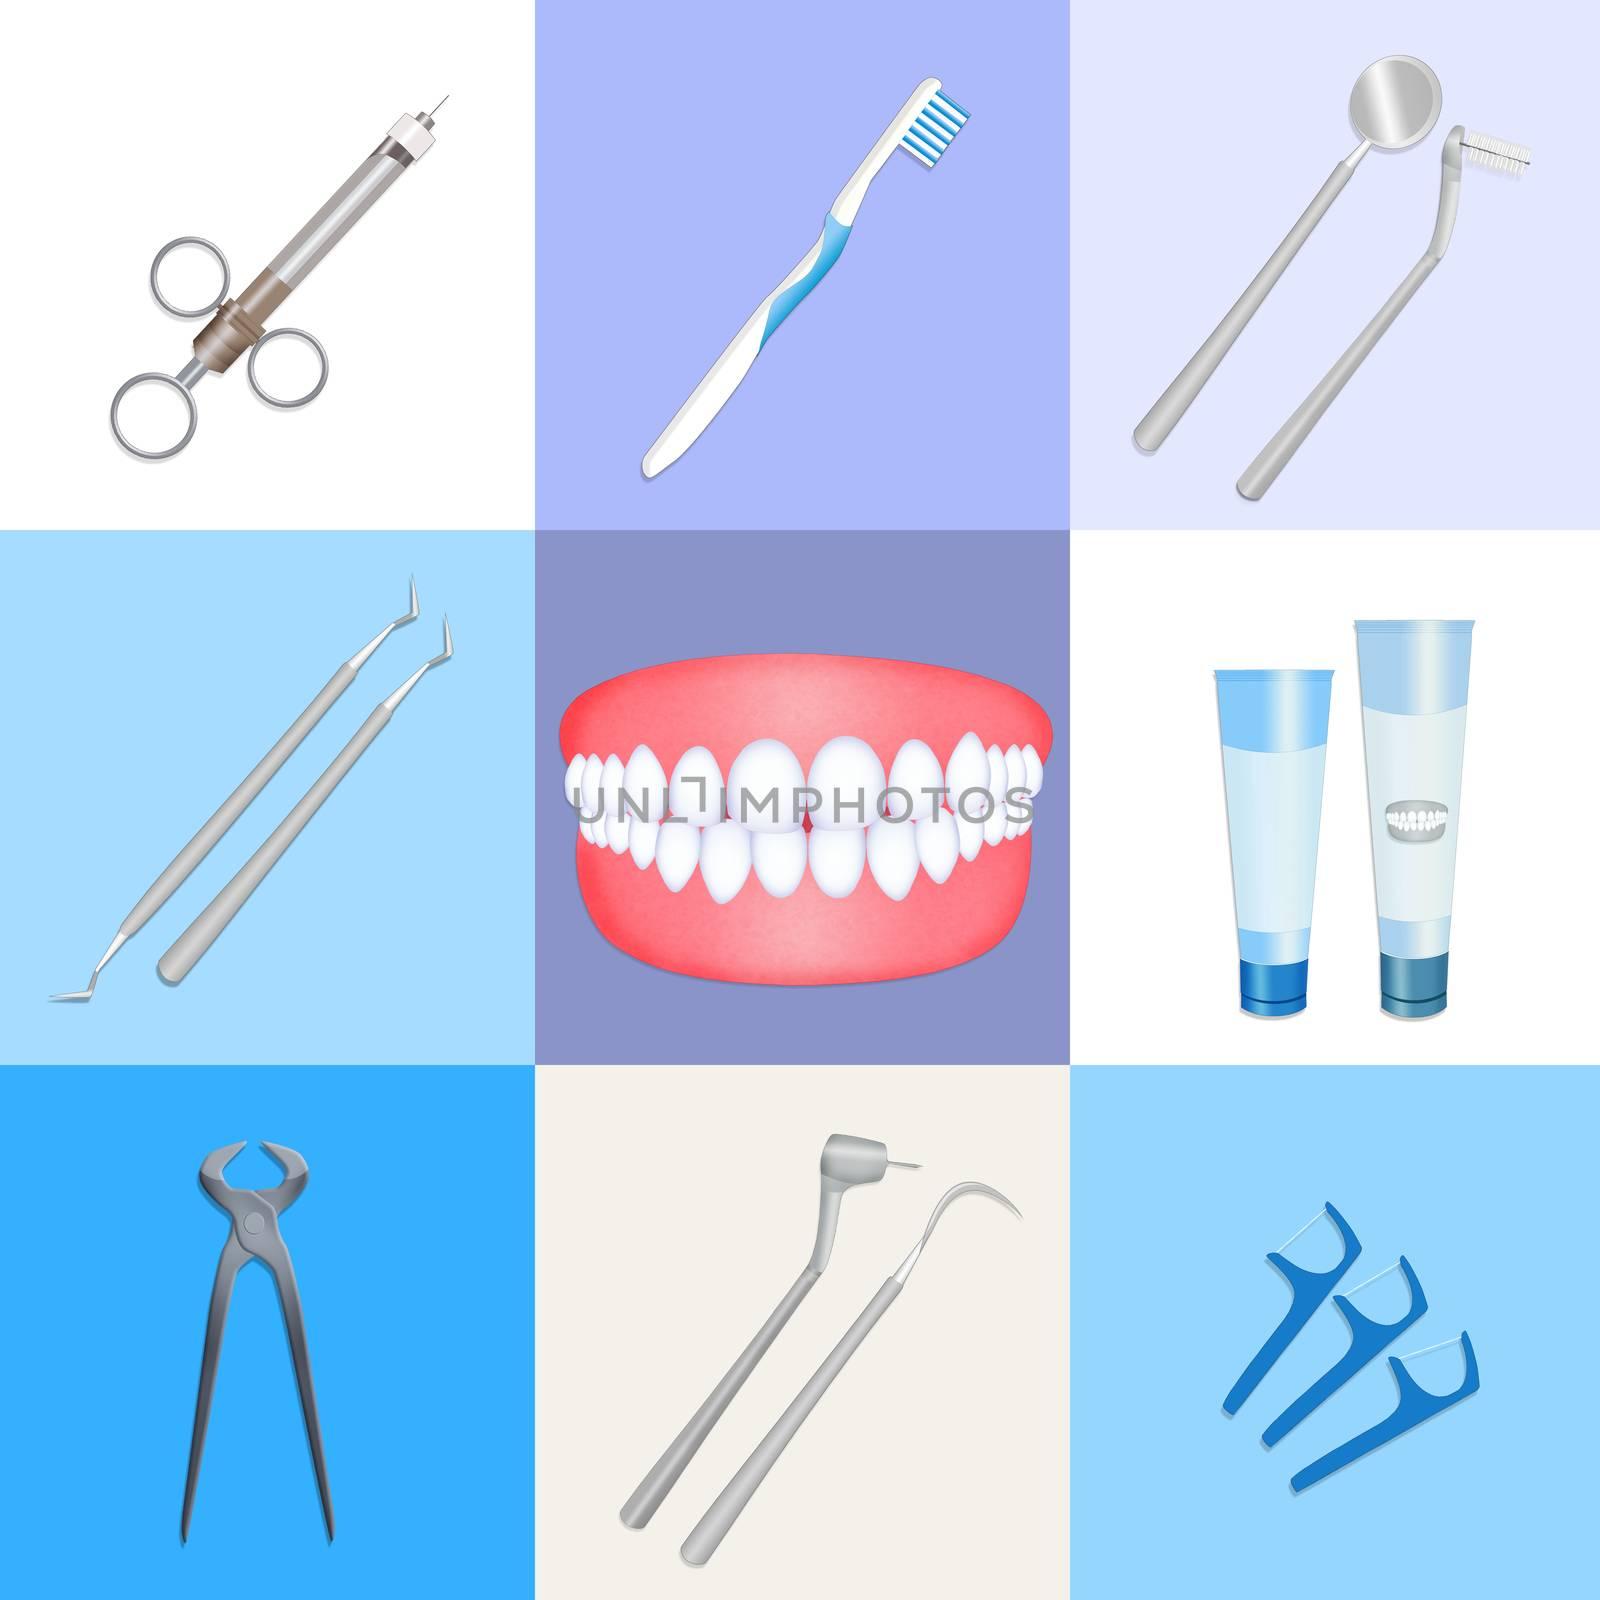 illustration of dentist instrument